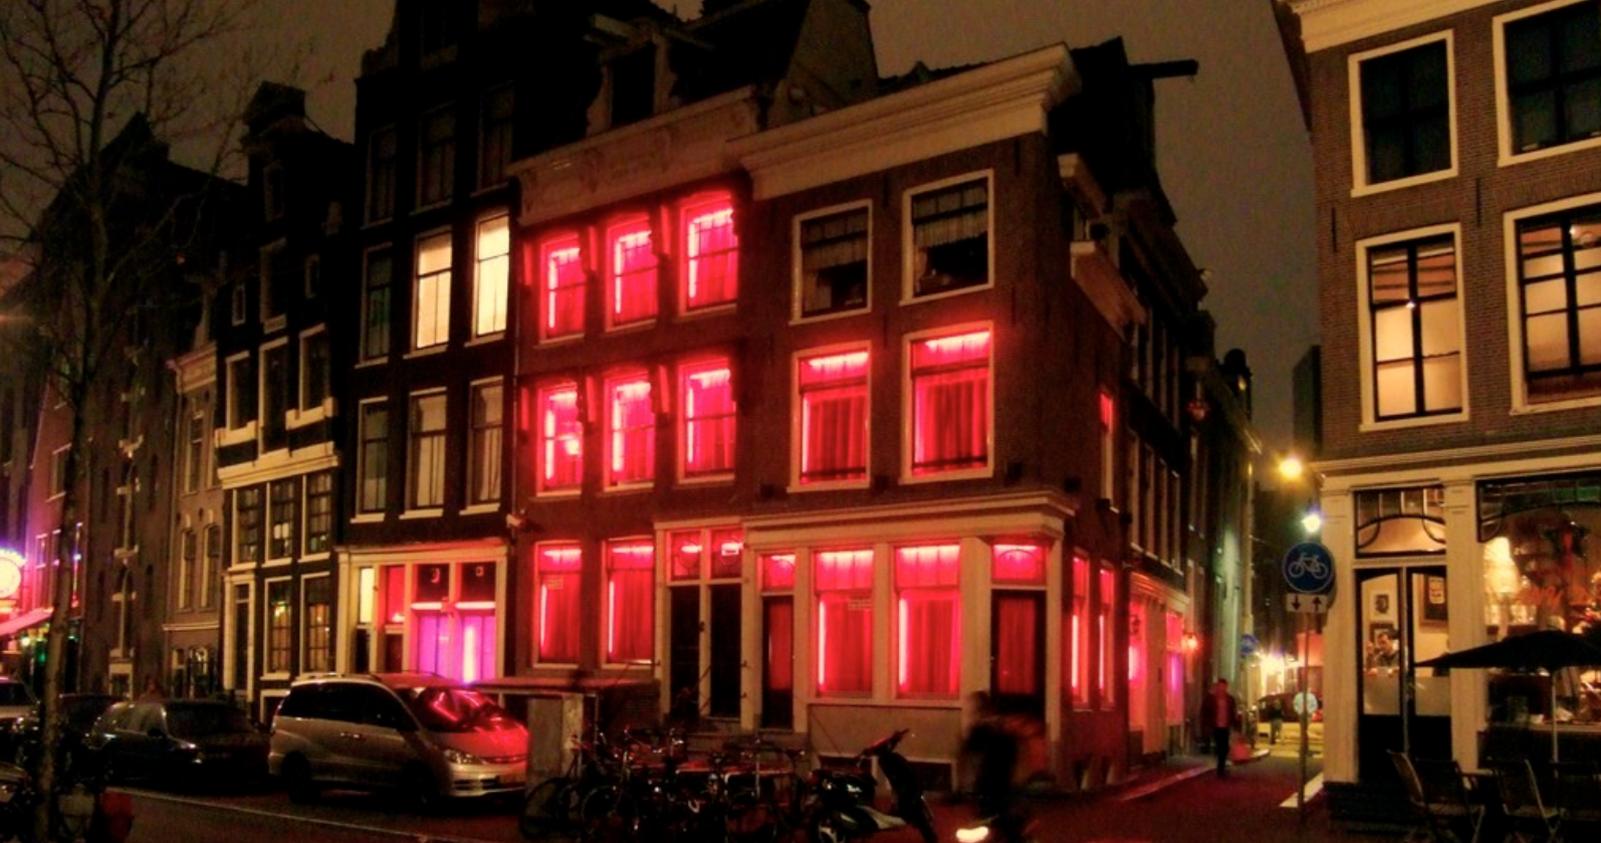 Model Hooker in The Hague